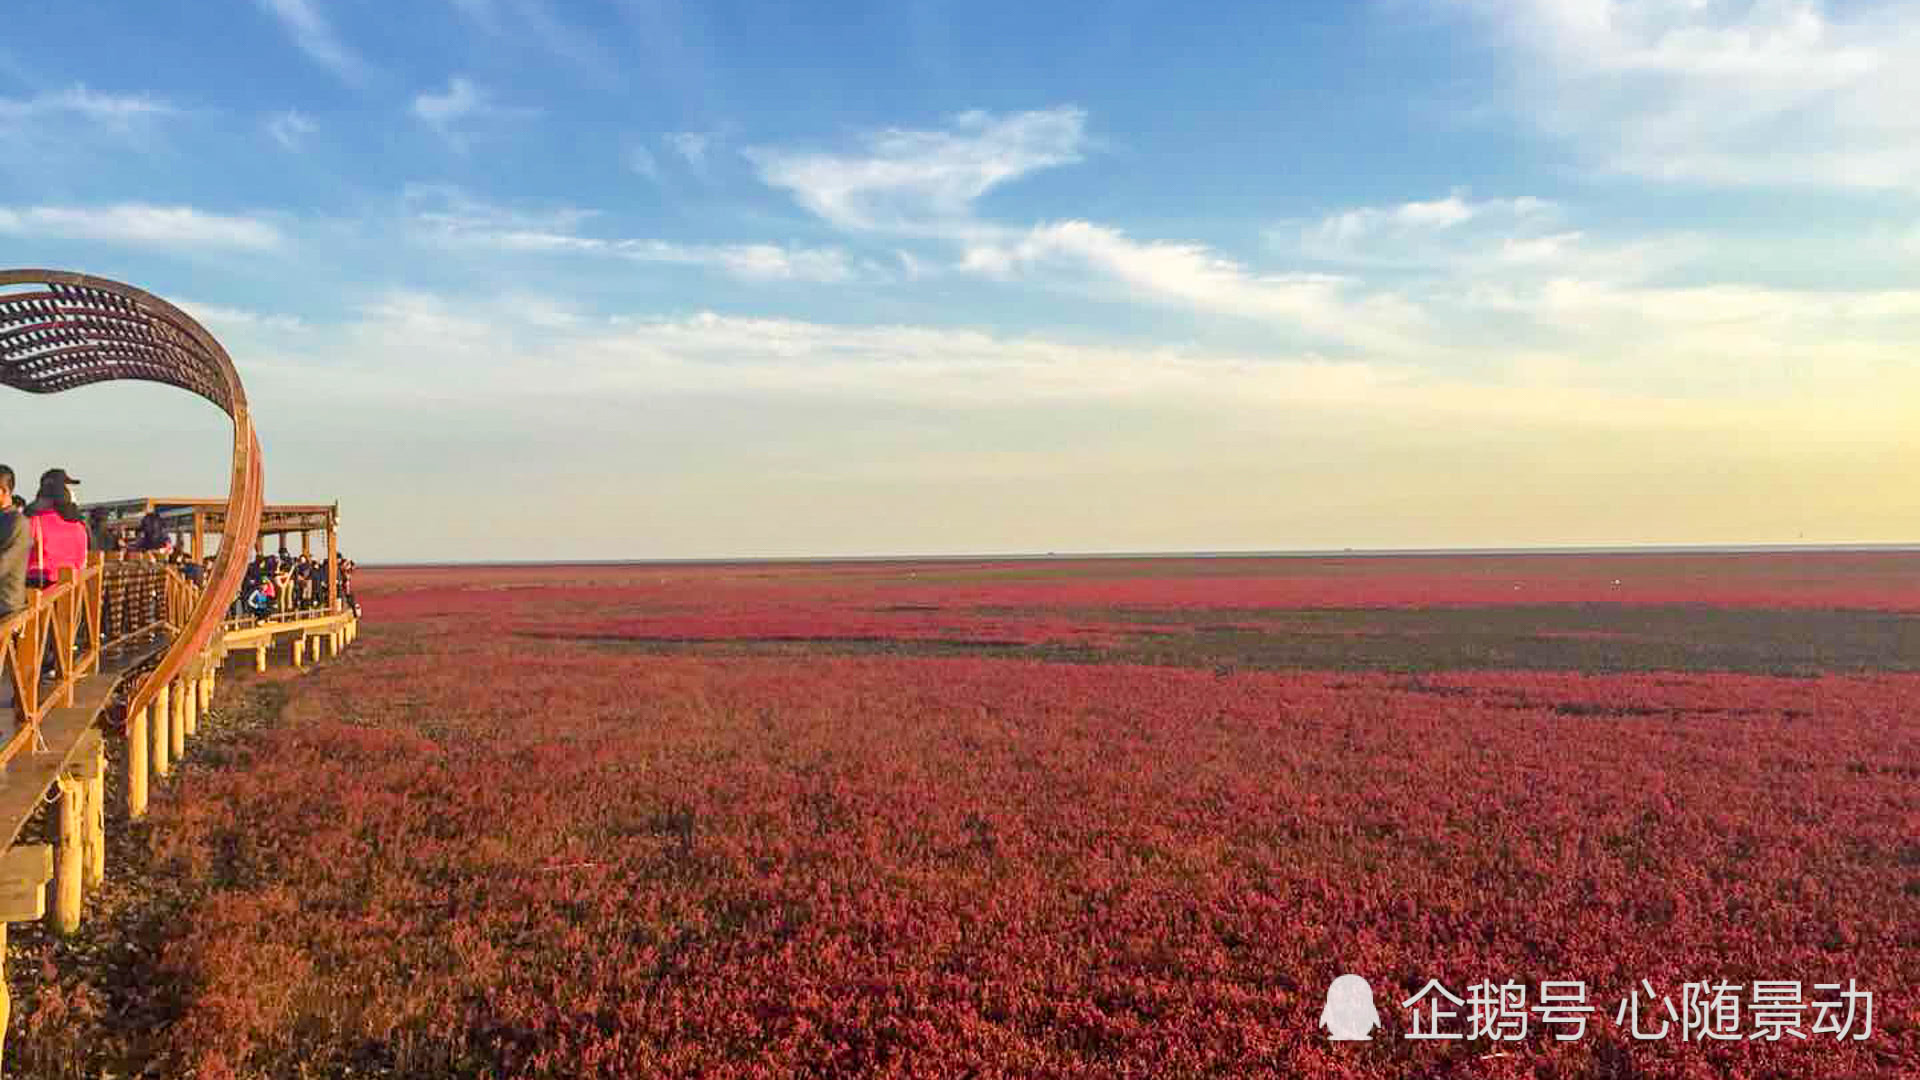 """九月梦幻""""红海滩"""",美景堪称一绝,原来辽宁不止有一处!"""